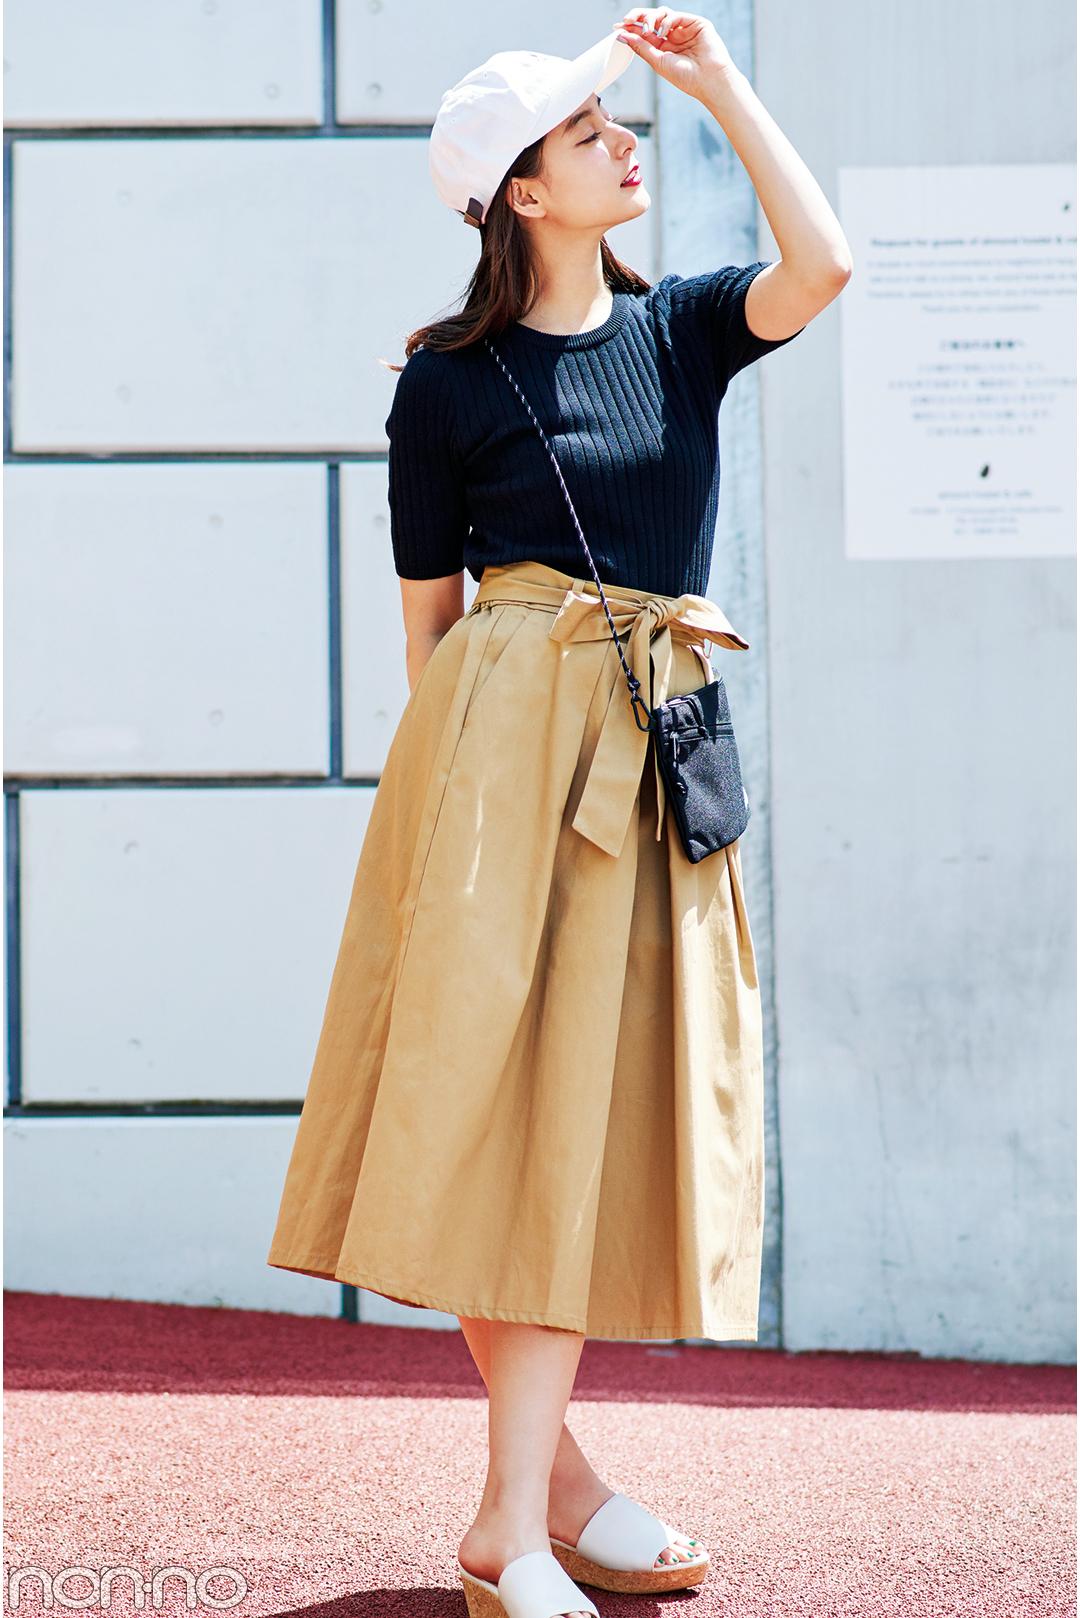 新木優子のチノスカート着回しコーデ♡ カジュアル派におすすめ!_1_3-1